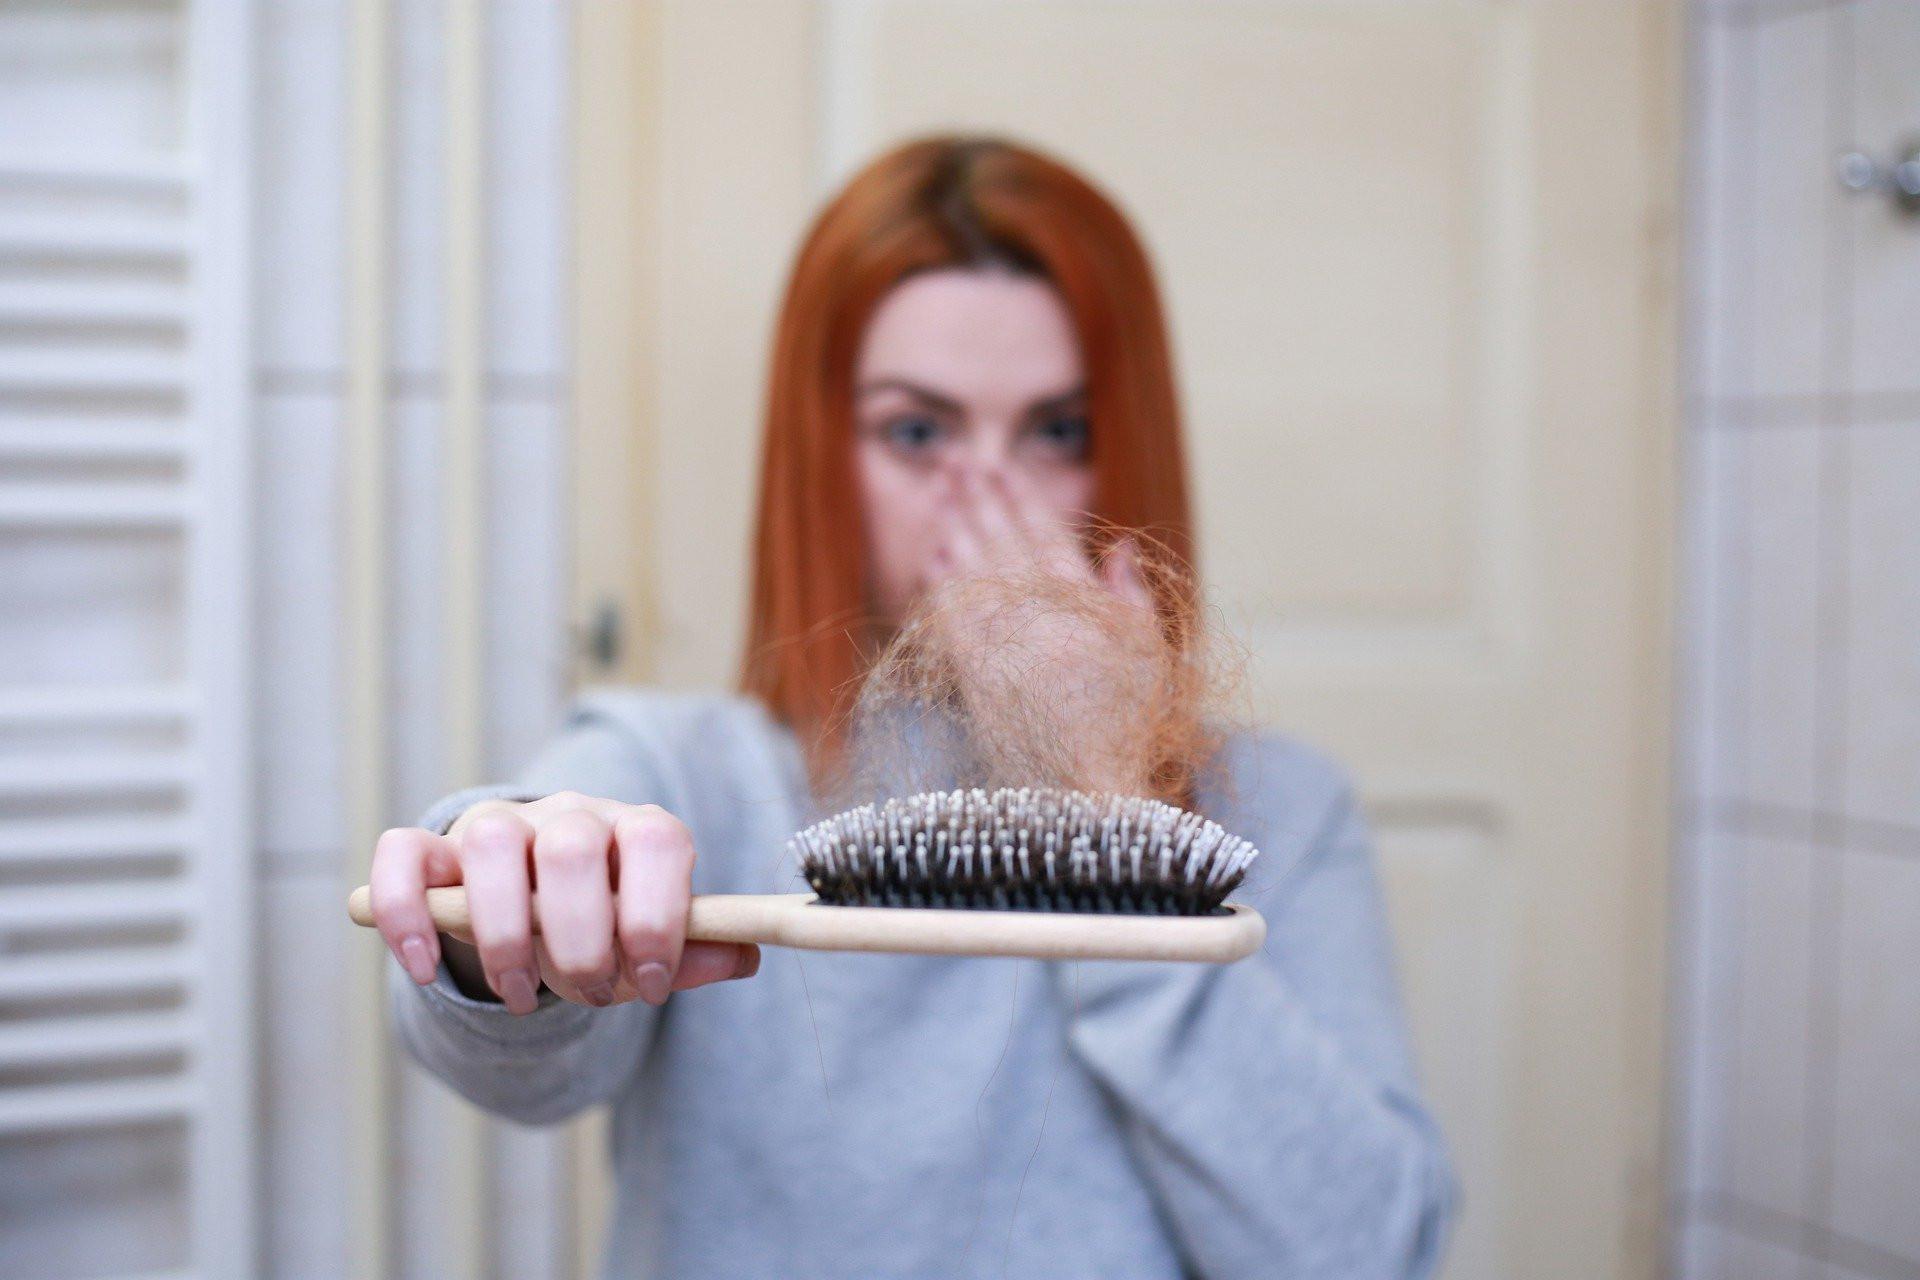 Tidak Perlu Ke Salon, Perawatan Rambut Spesifik Bisa Dilakukan di Rumah - JPNN.com